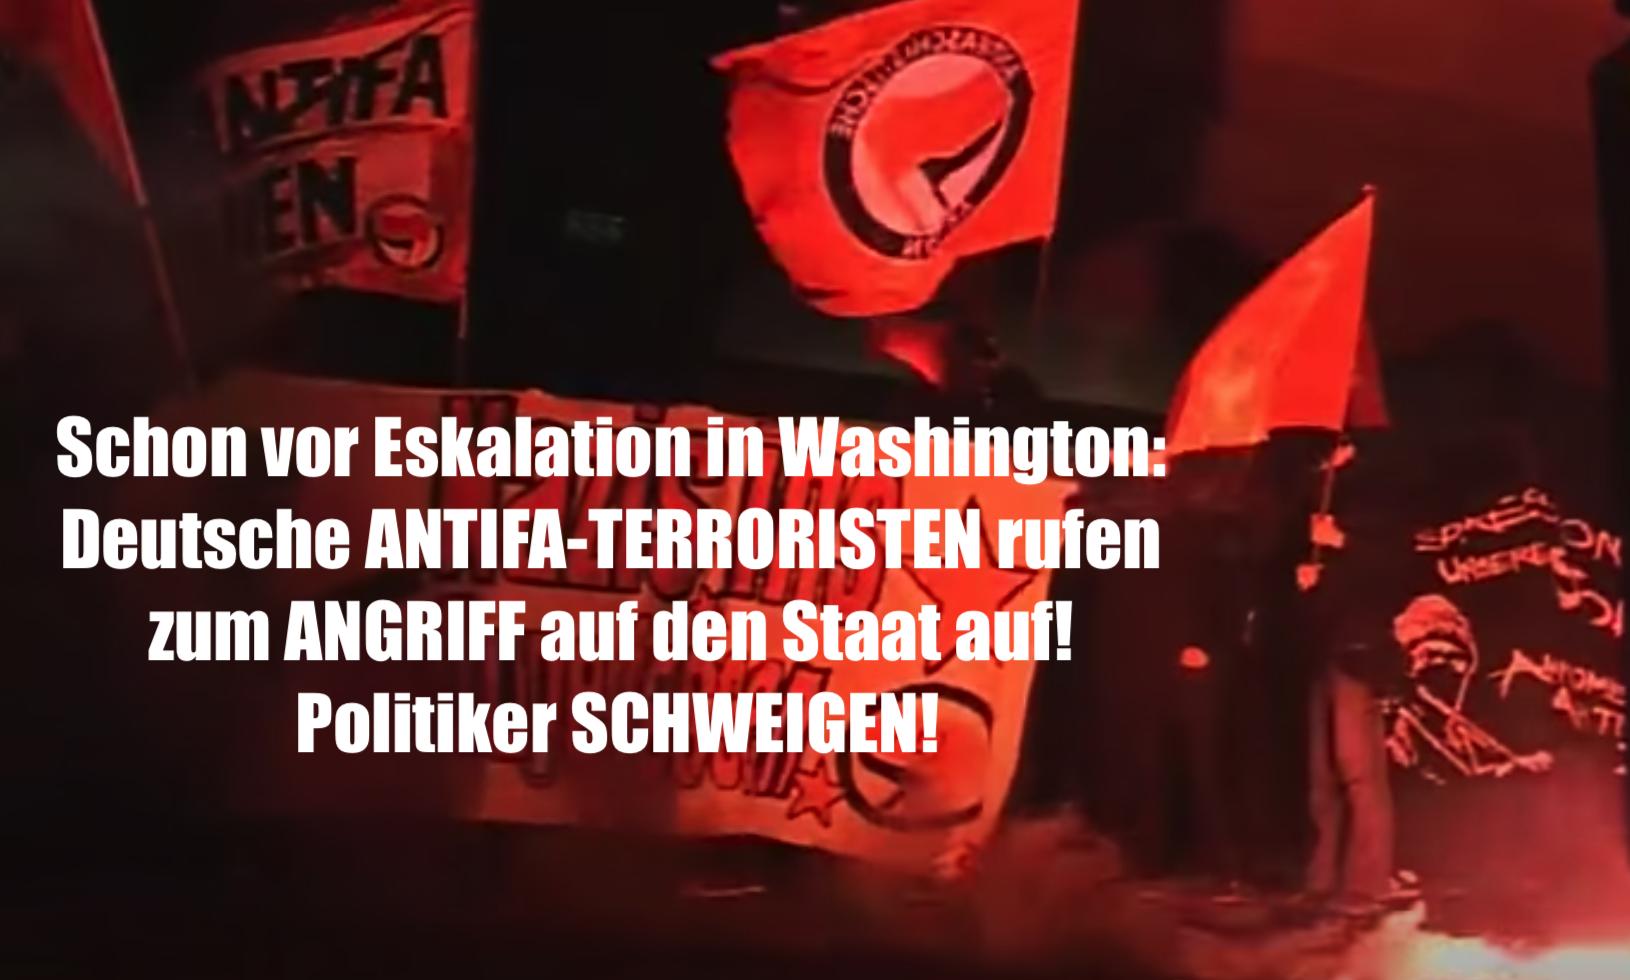 Schon vor Eskalation in Washington: Deutsche ANTIFA-TERRORISTEN rufen zum Angriff auf den Staat auf! Politiker SCHWEIGEN!